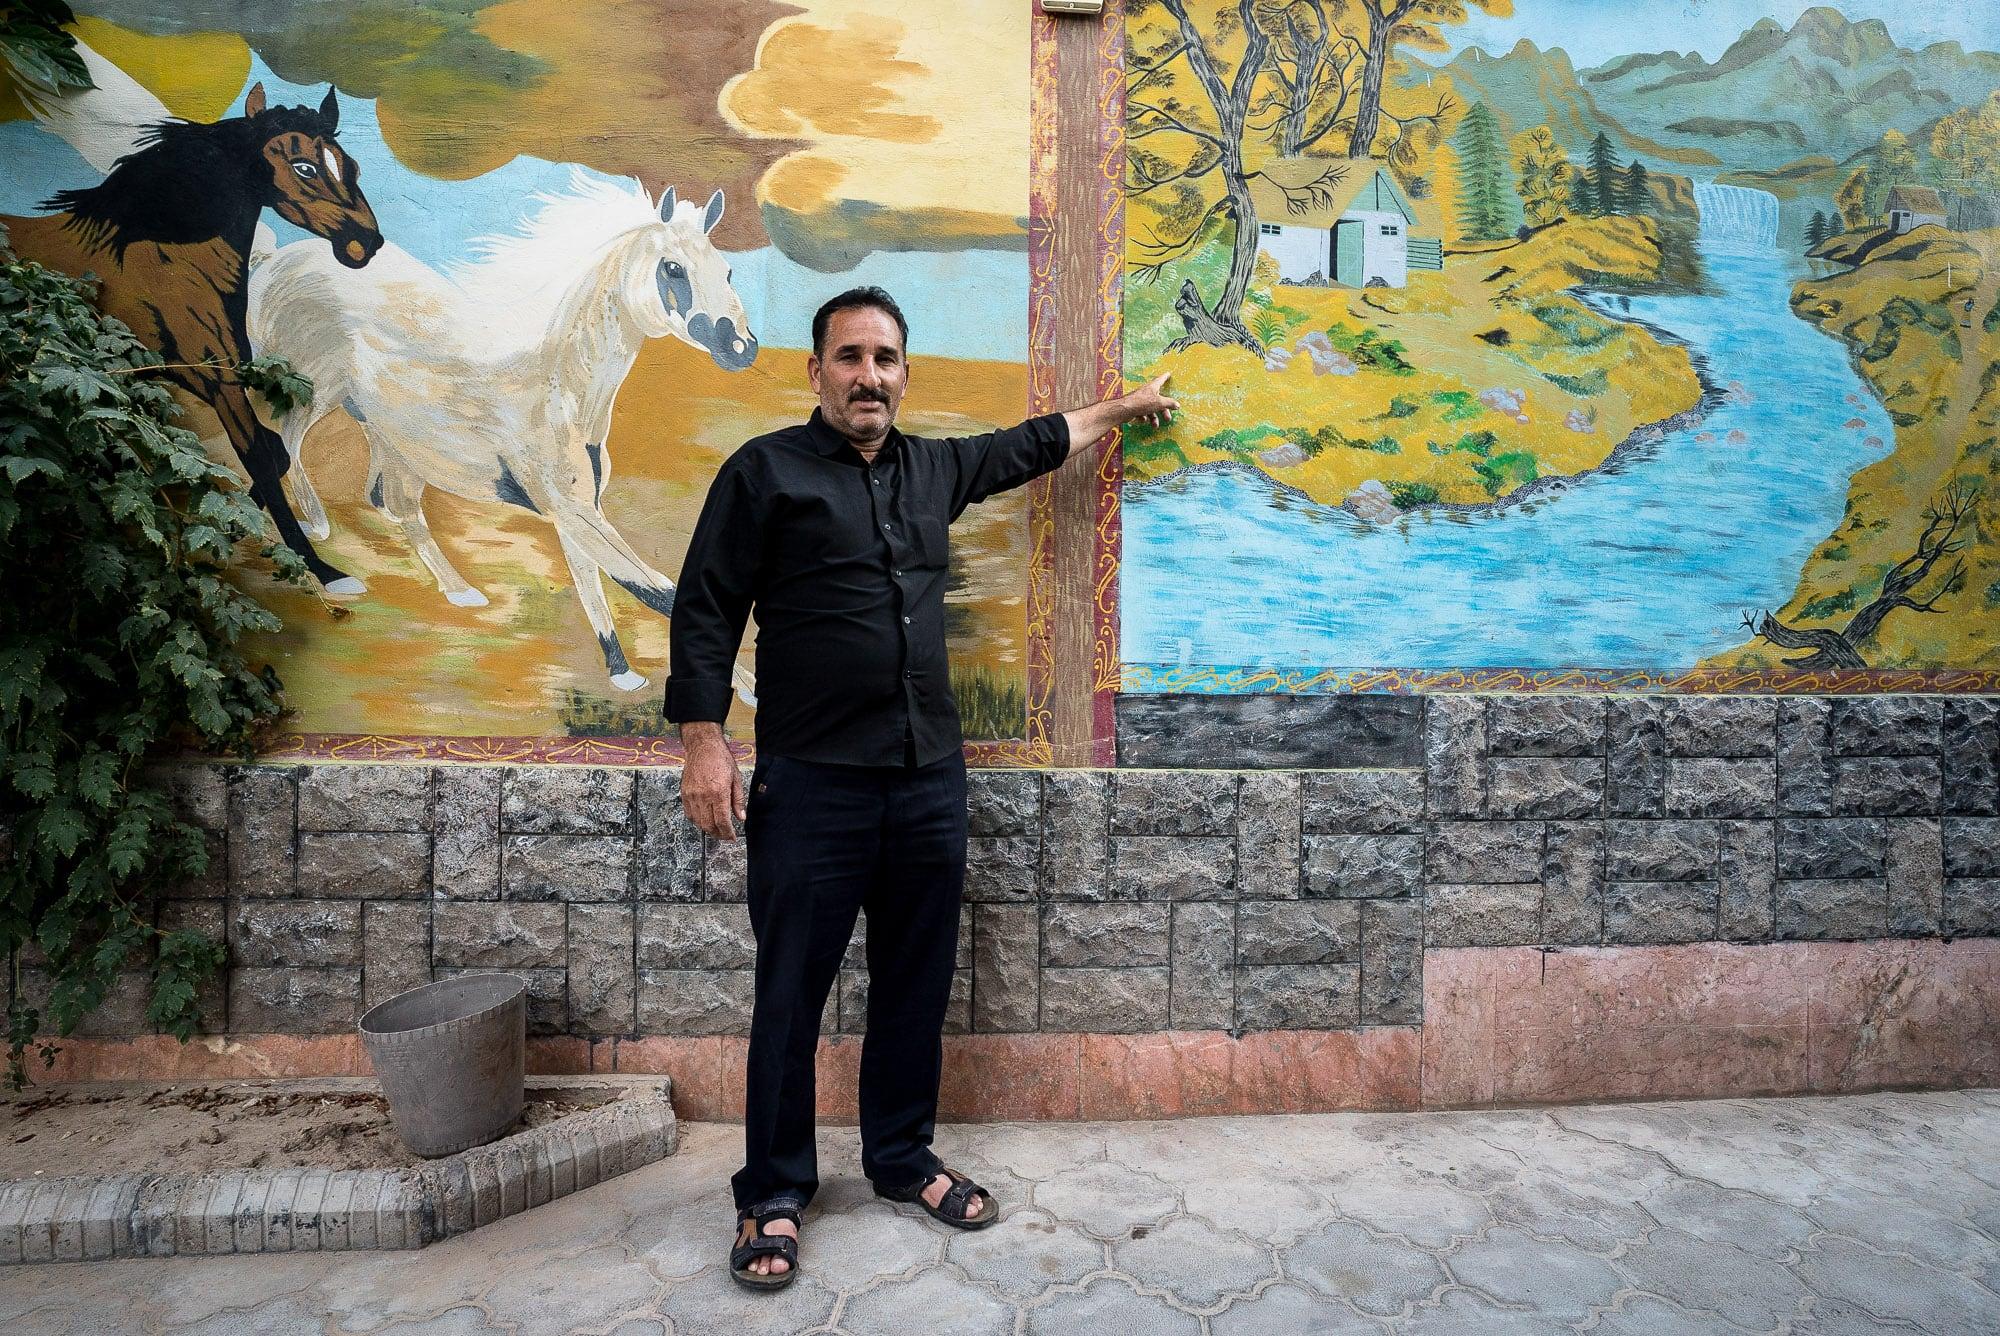 restaurant owner in Sarakhs